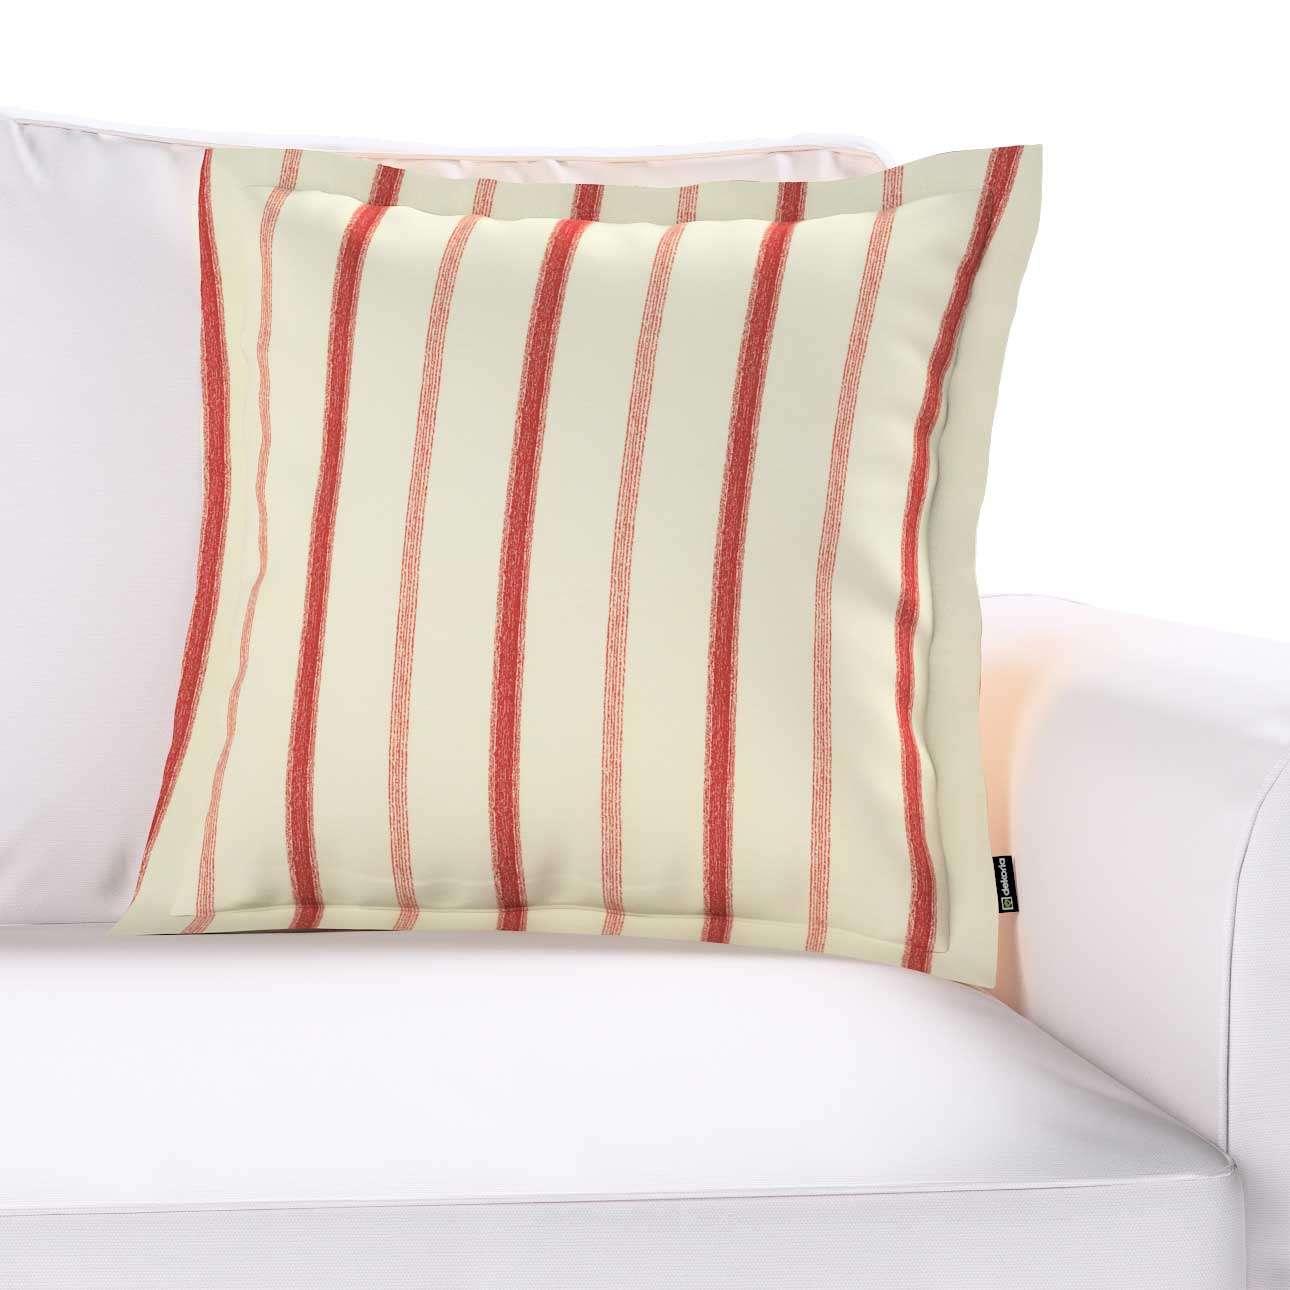 Poszewka Mona na poduszkę w kolekcji Avinon, tkanina: 129-15